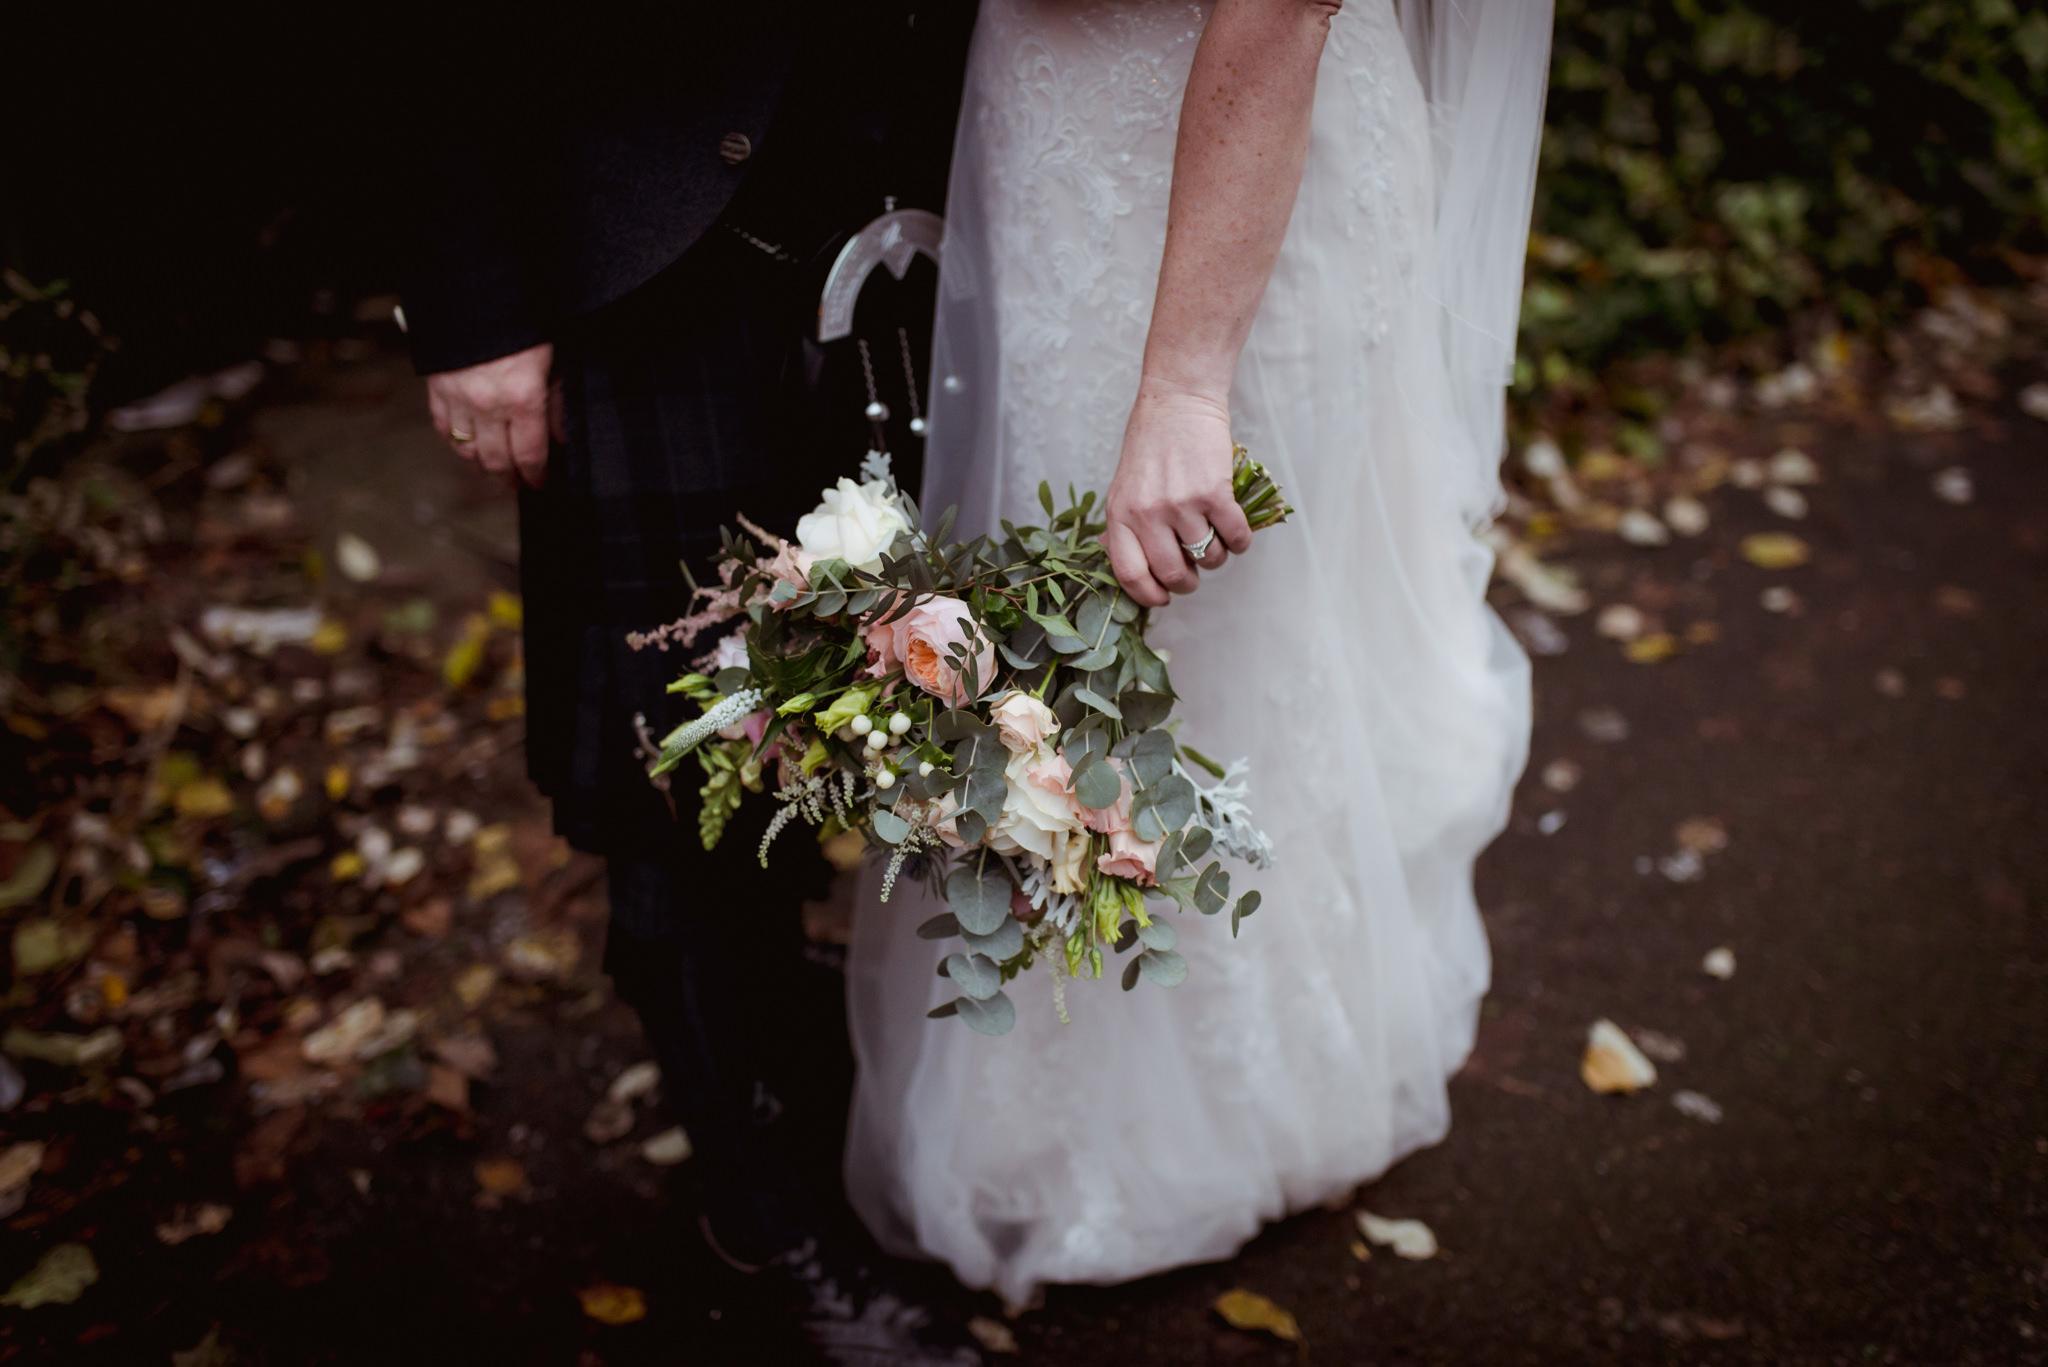 floral-menagerie-wedding-flowers.jpg